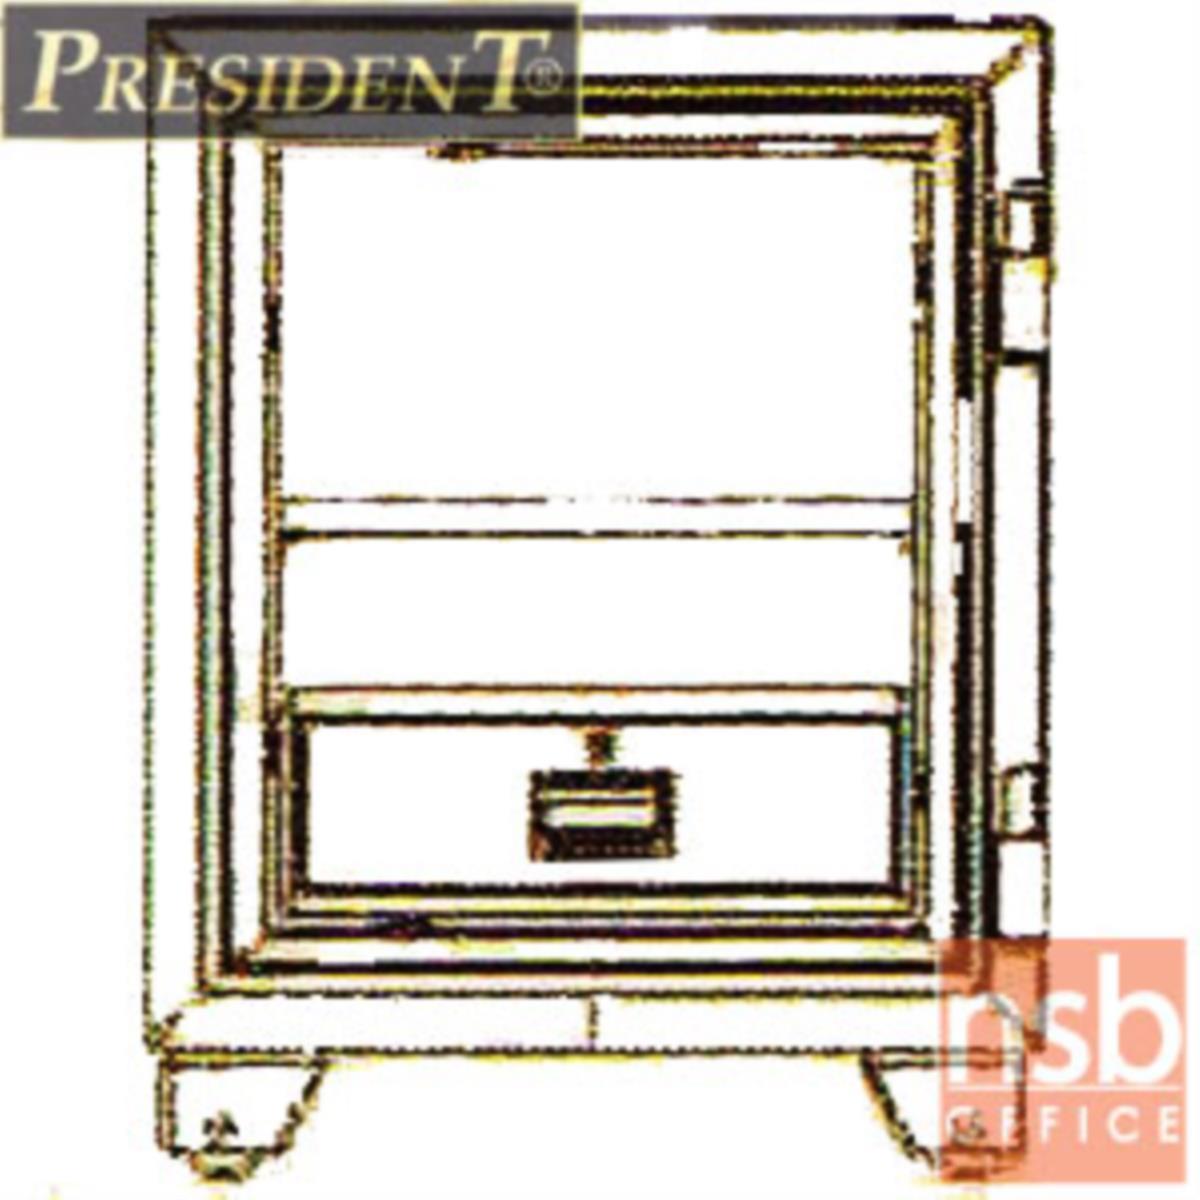 ตู้เซฟนิรภัยชนิดดิจิตอล 110 กก.  รุ่น PRESIDENT-SB20D มี 1 กุญแจ 1 รหัส (ใช้กดหน้าตู้)